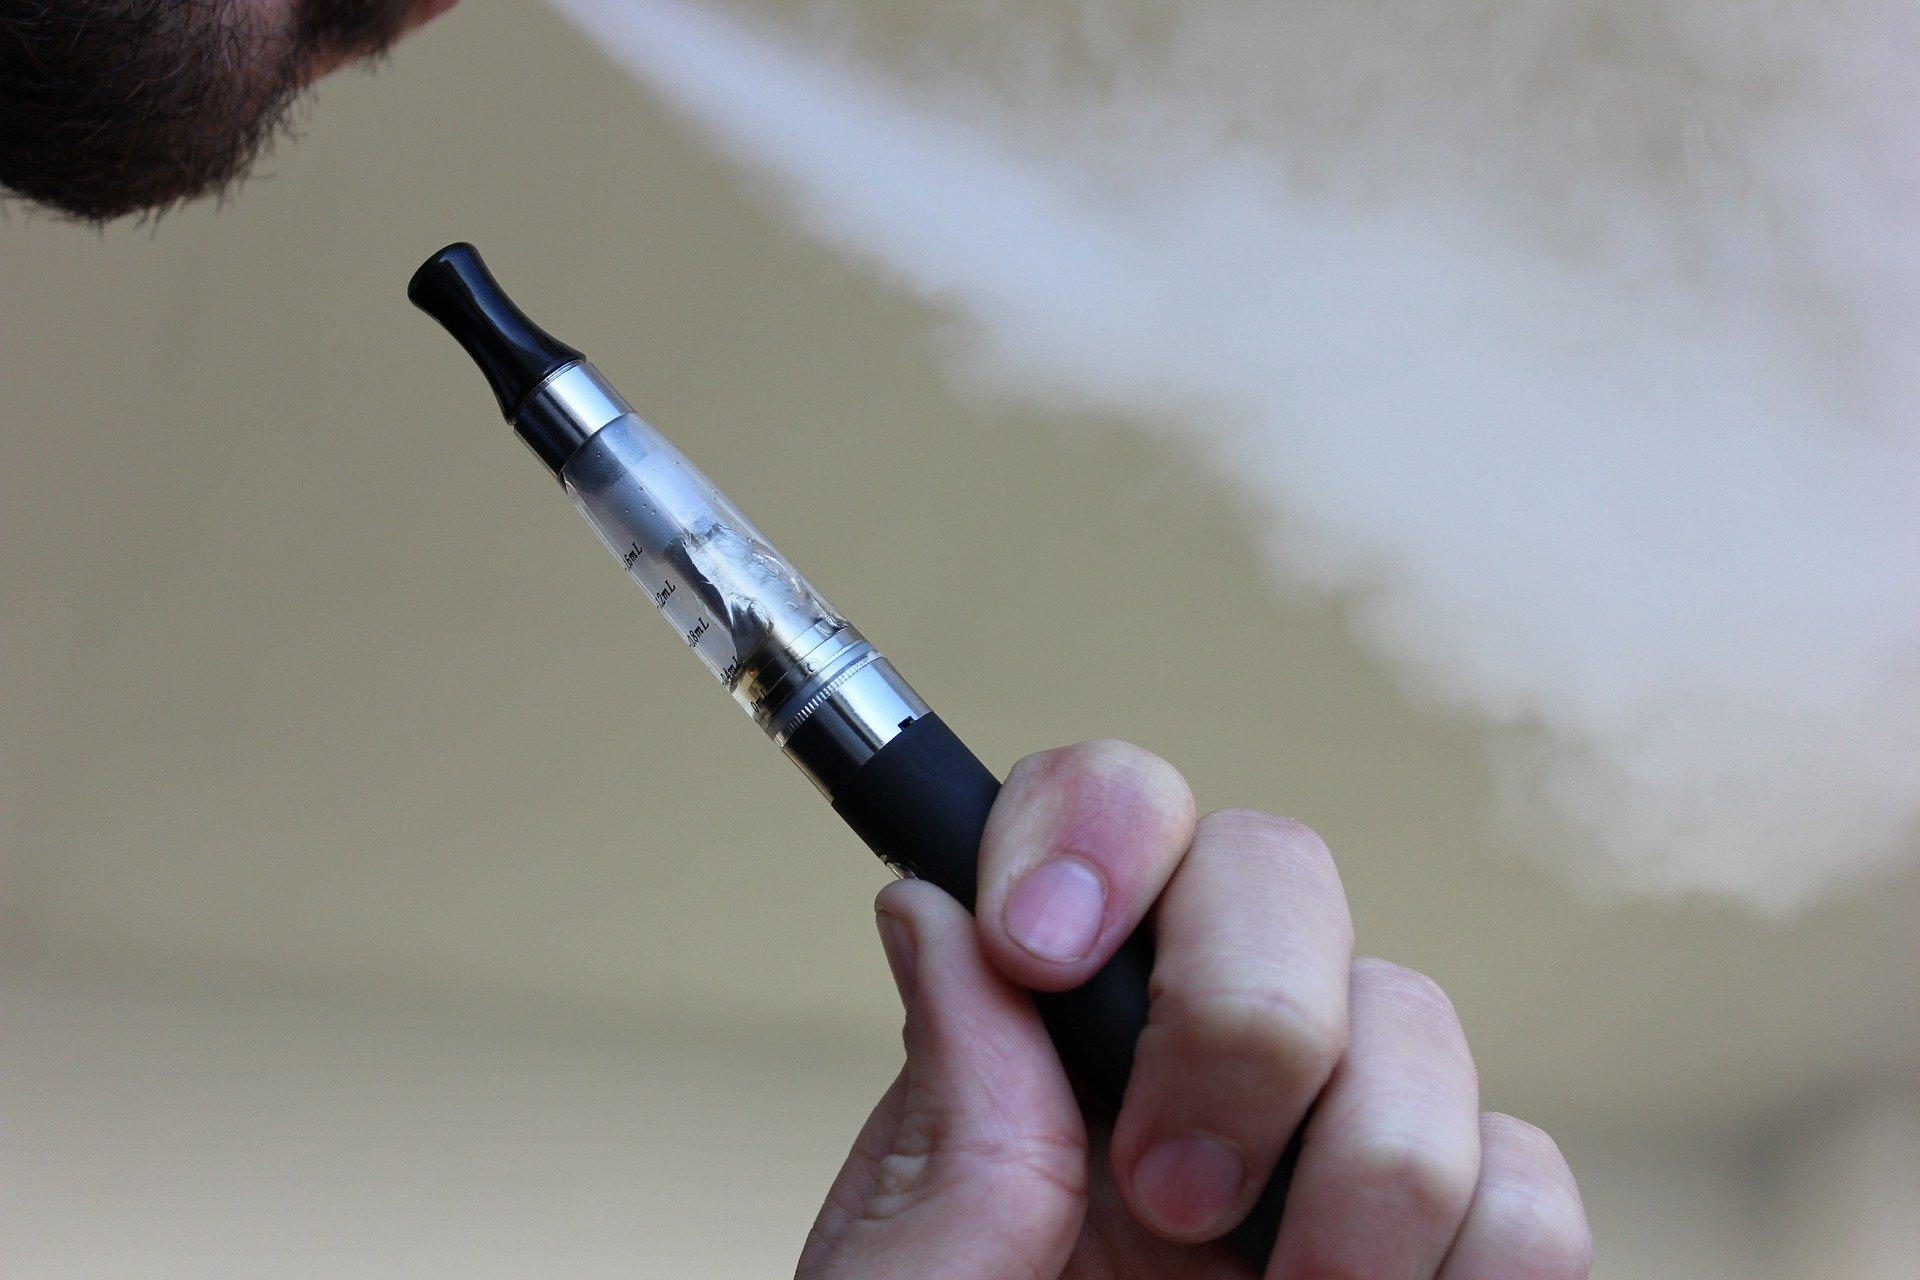 Mann hält E-Zigarette in der Hand